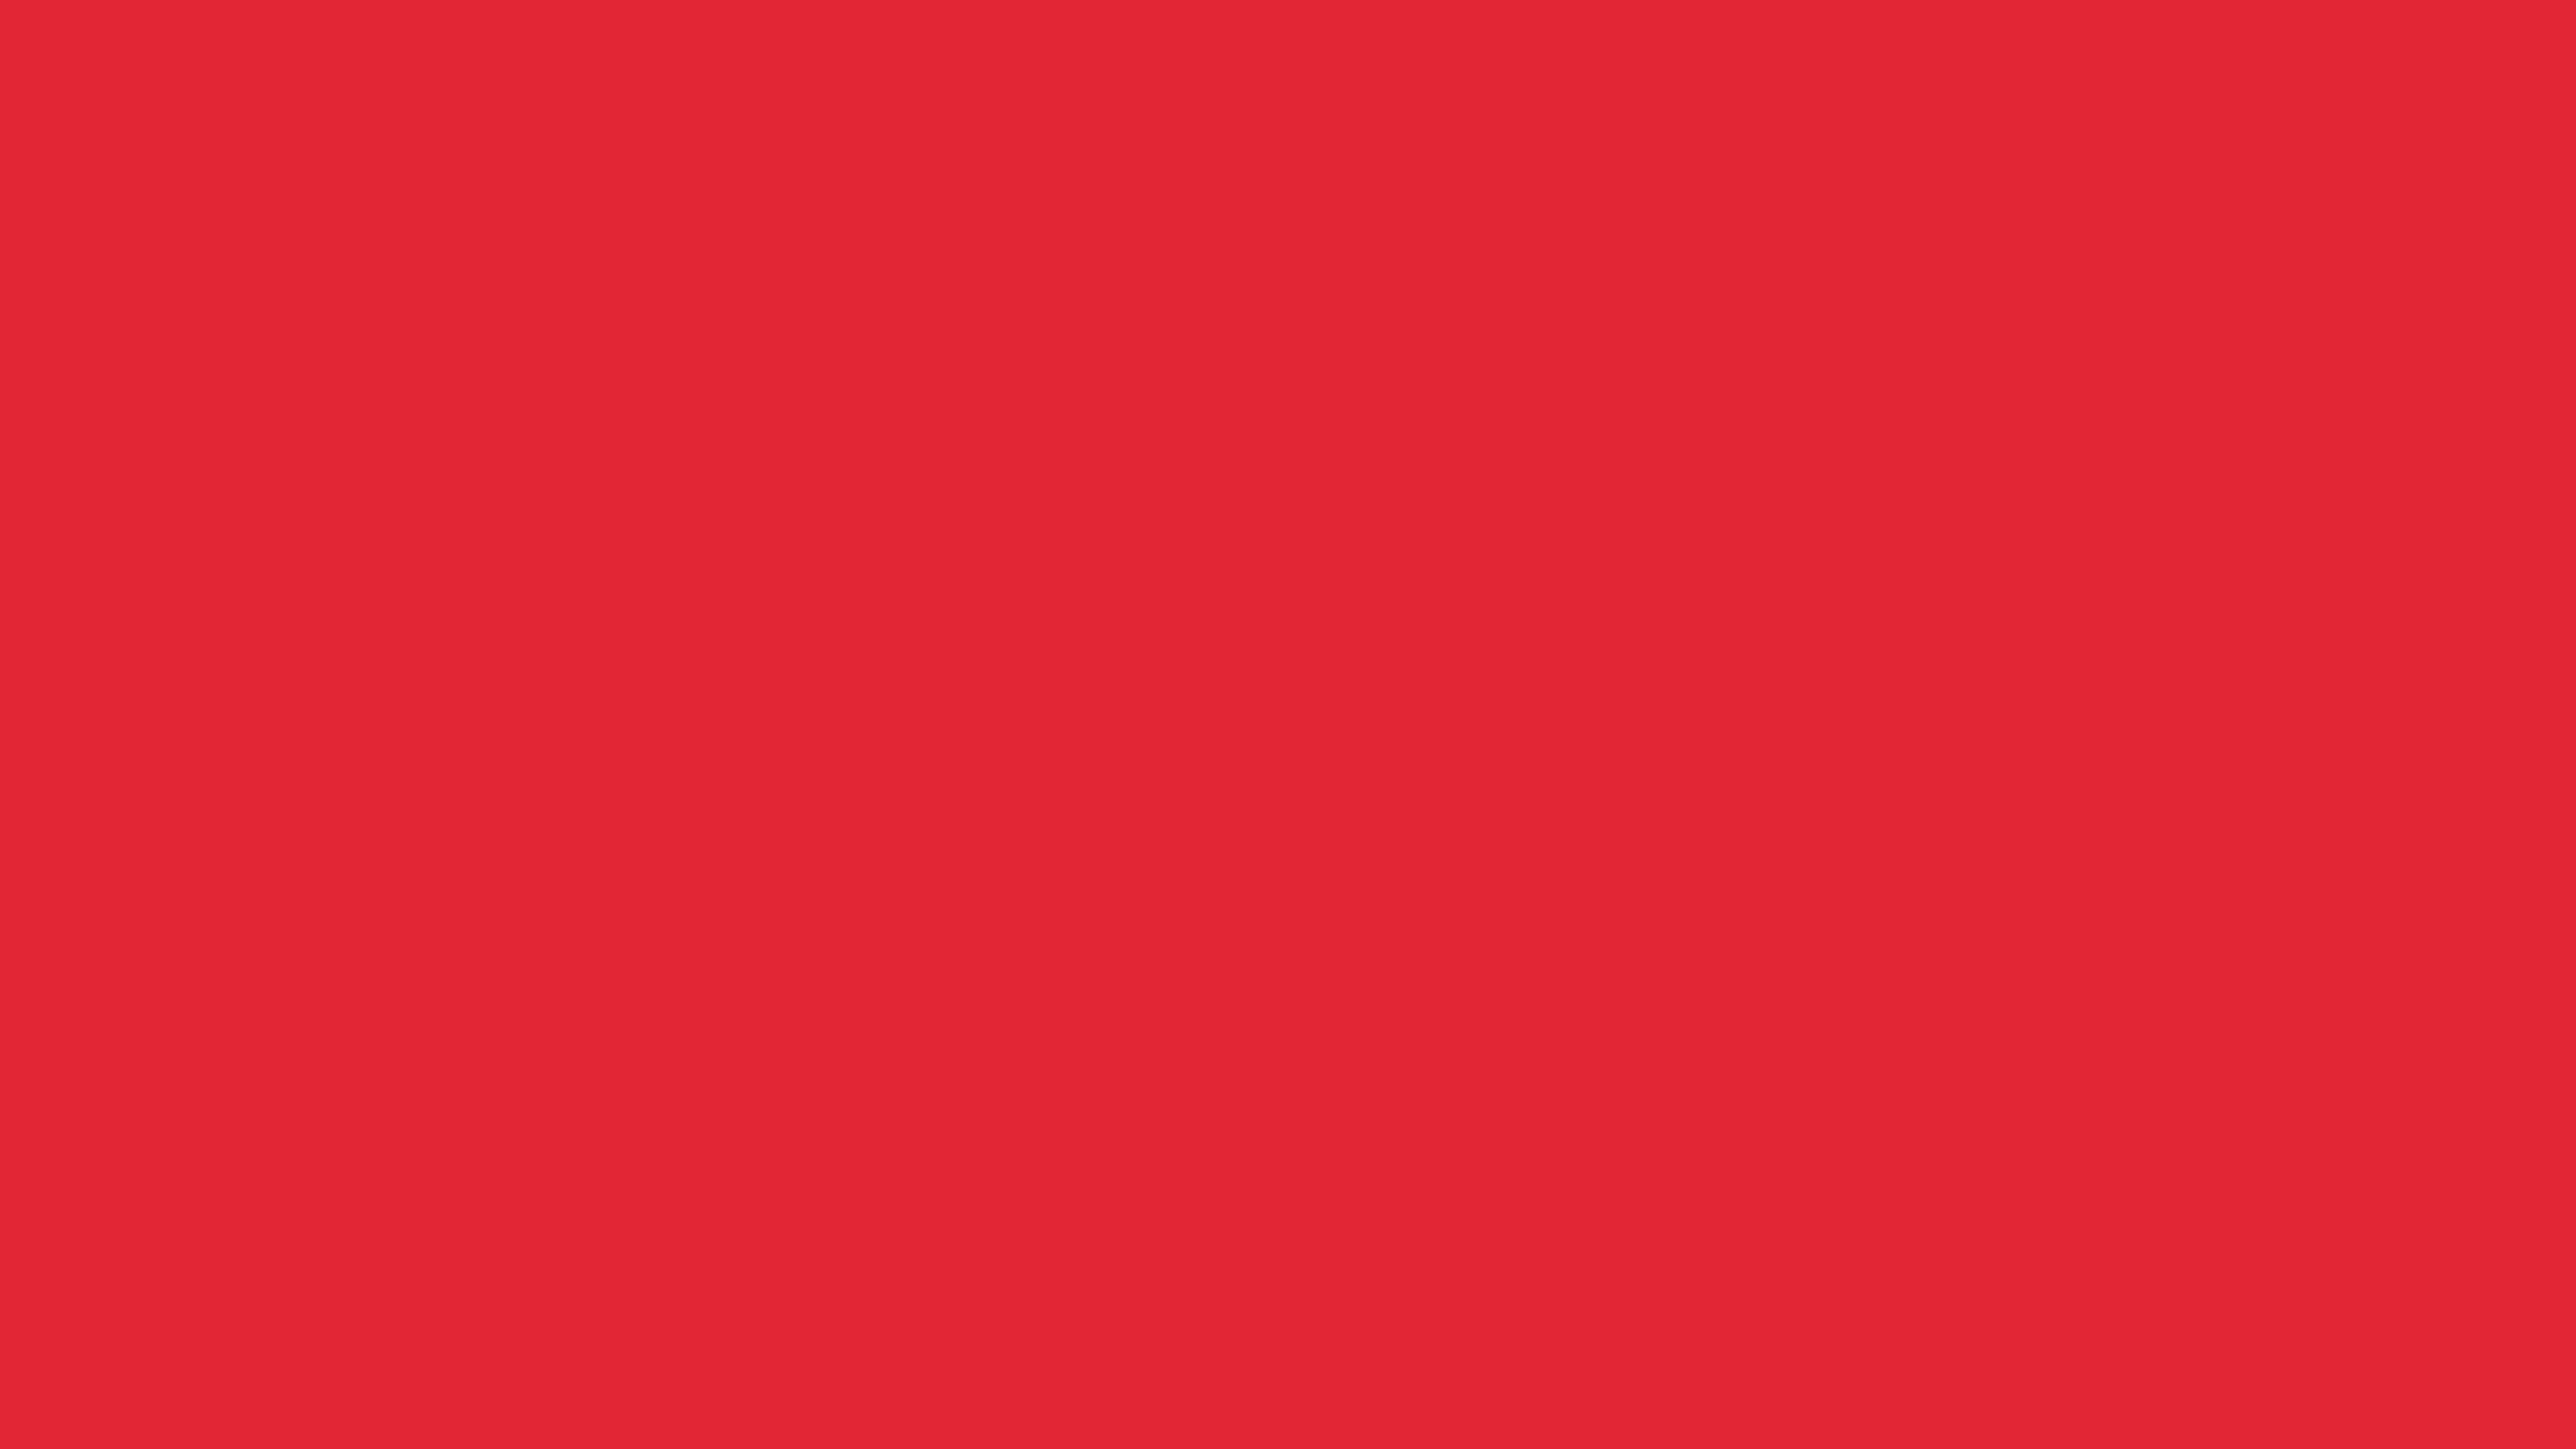 3840x2160 Rose Madder Solid Color Background